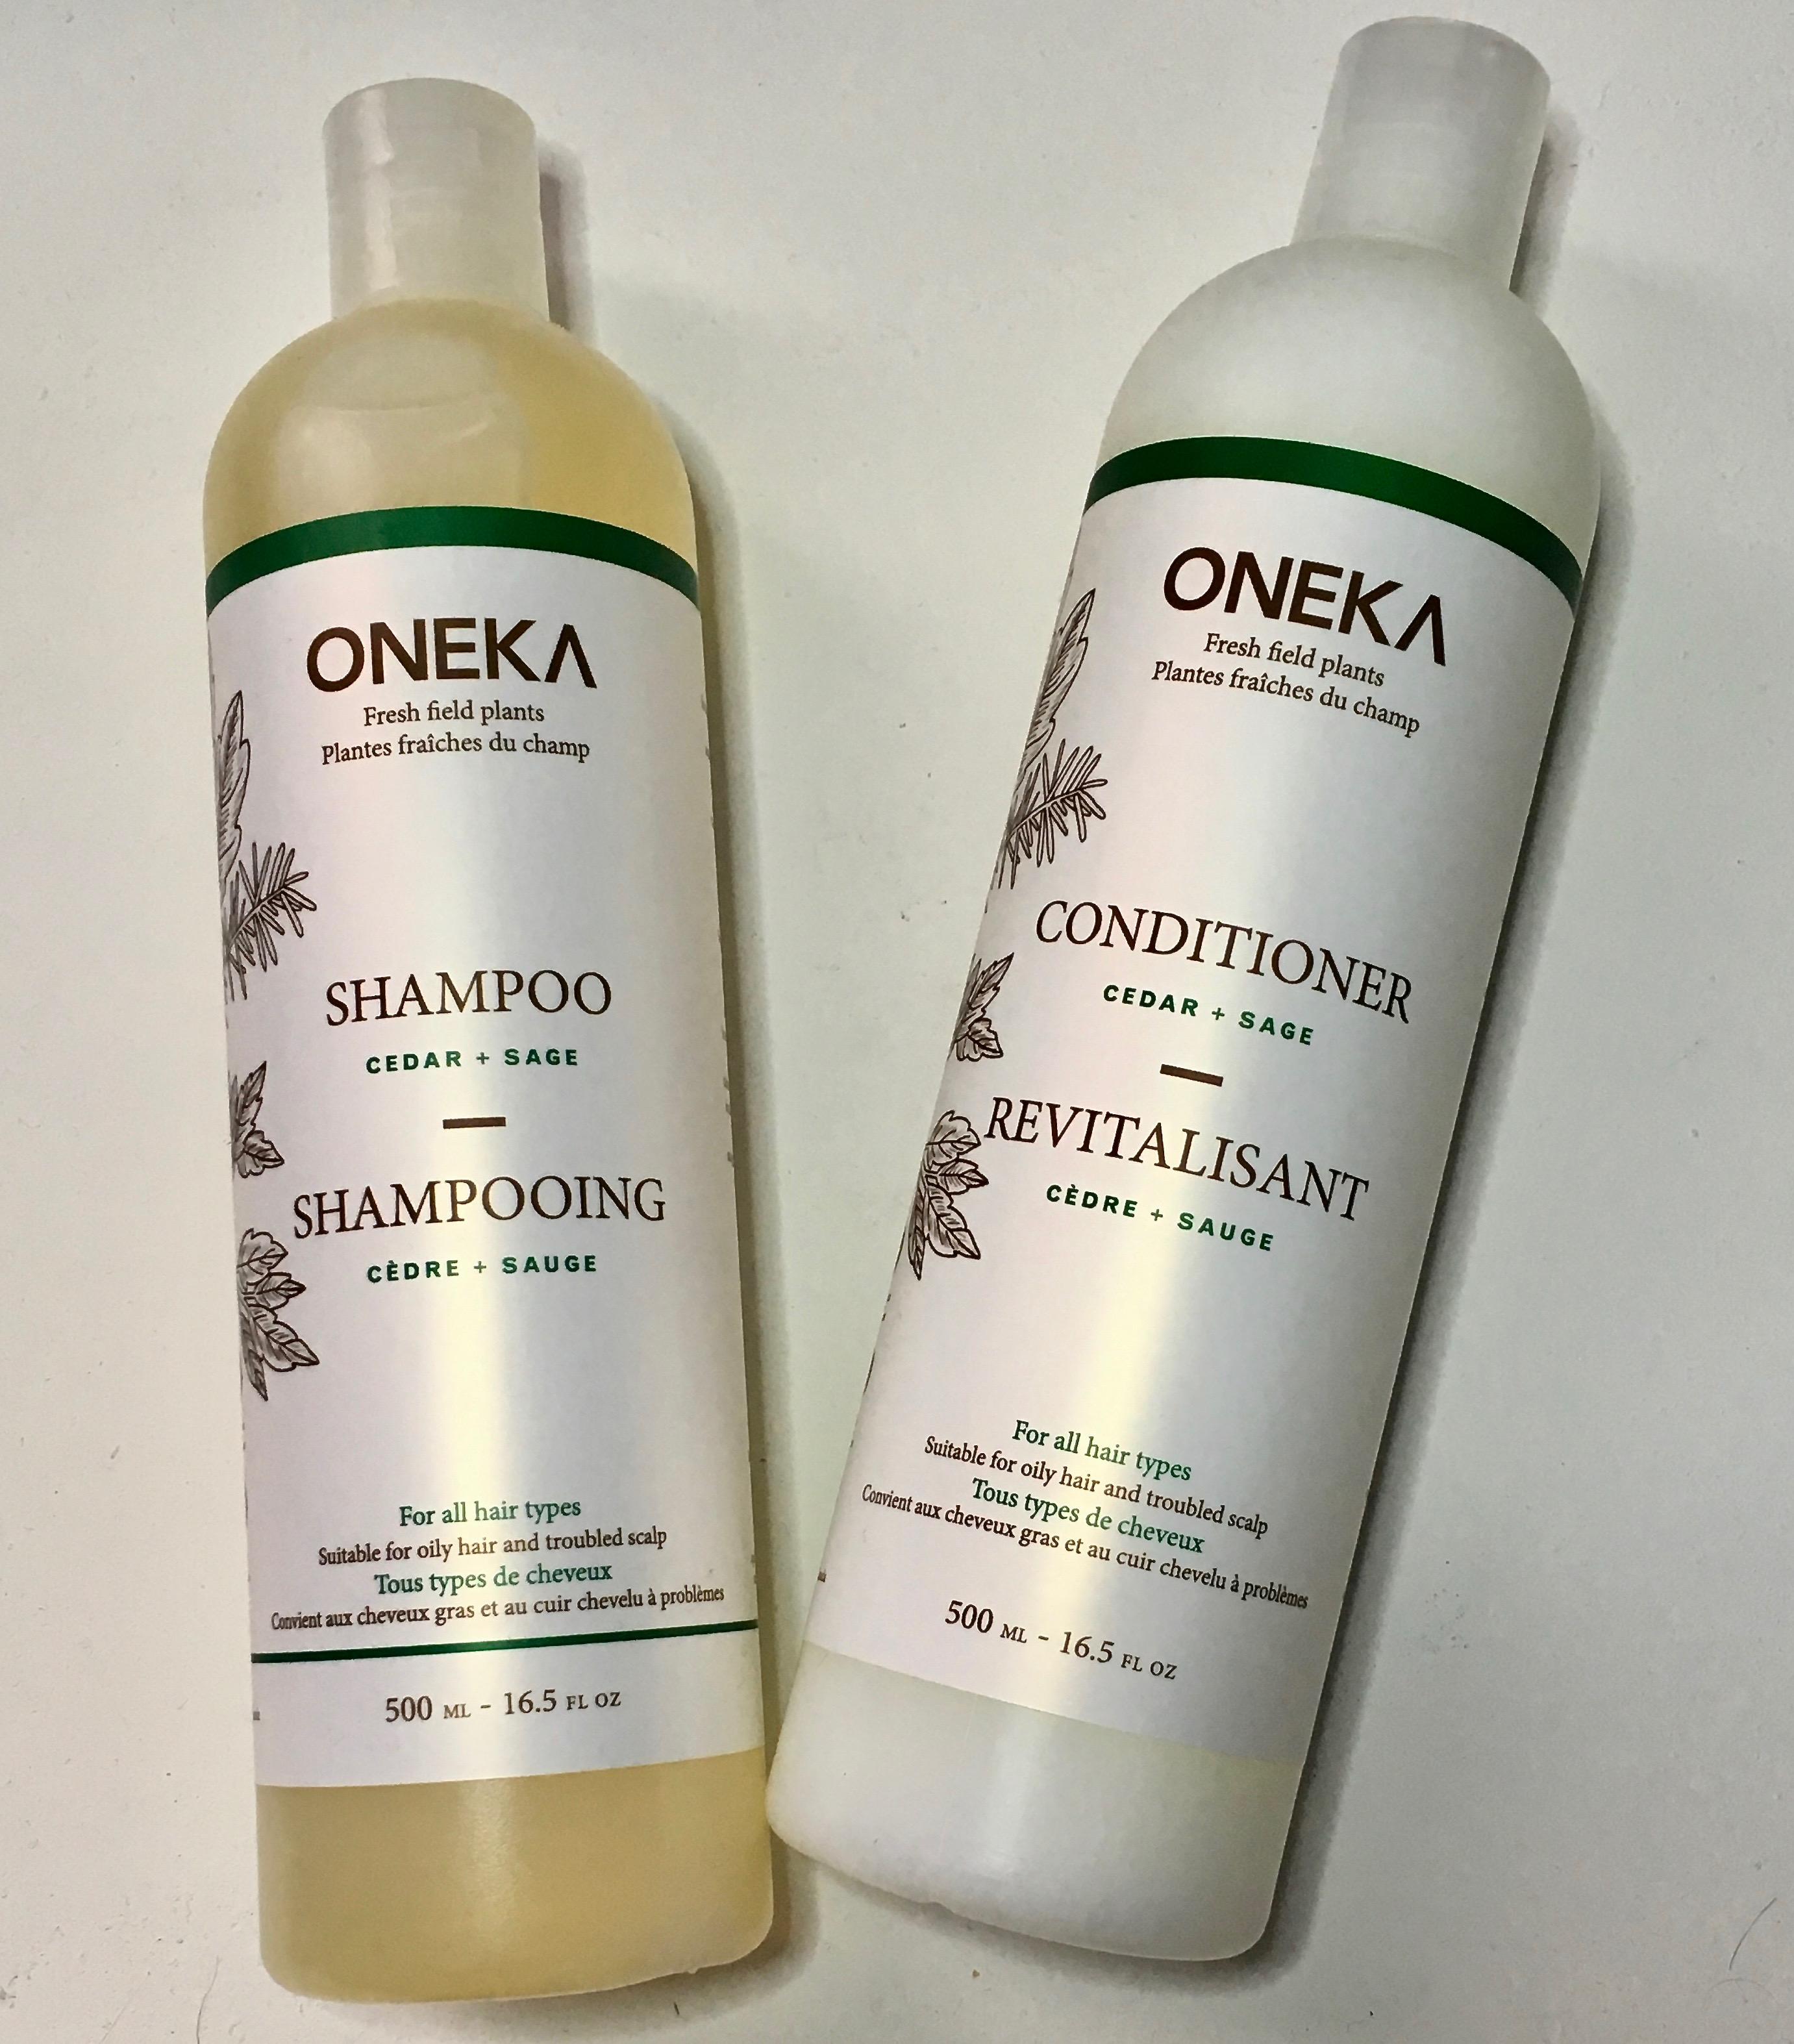 Oneka Cedar & Sage Shampoo & Conditioner